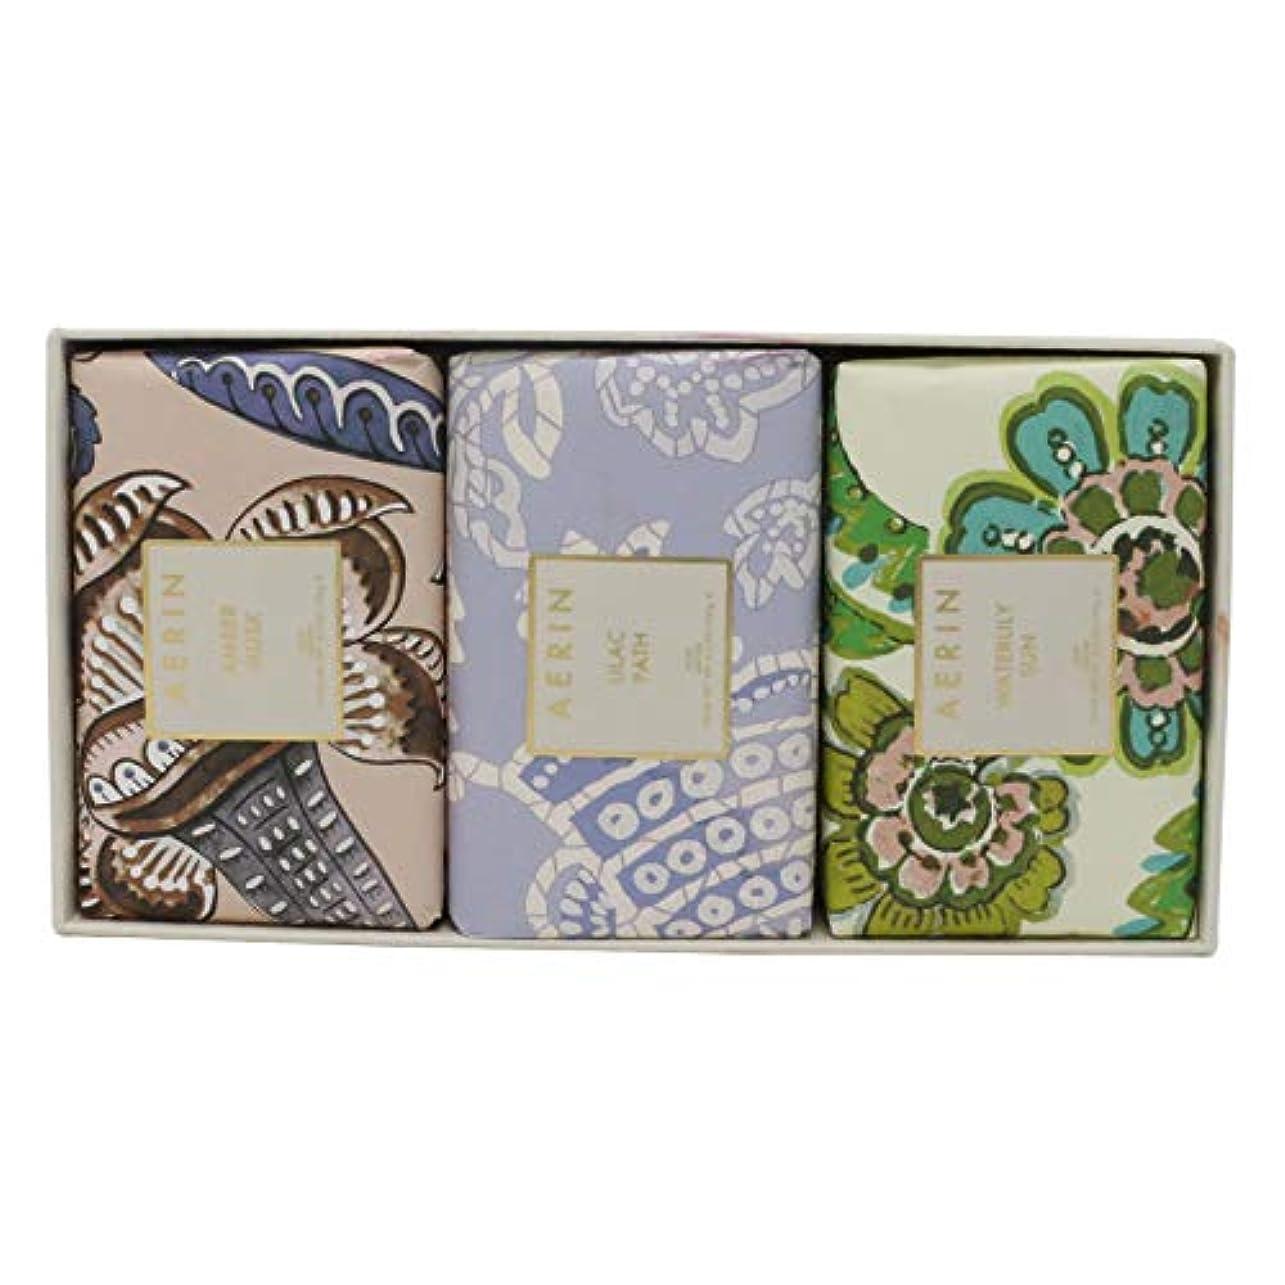 どんよりした反論者住所AERIN Beauty Soap Coffret(アエリン ビューティー ソープ コフレット ) 6.2 oz (186ml) Soap 固形石鹸 x 3個セットby Estee Lauder